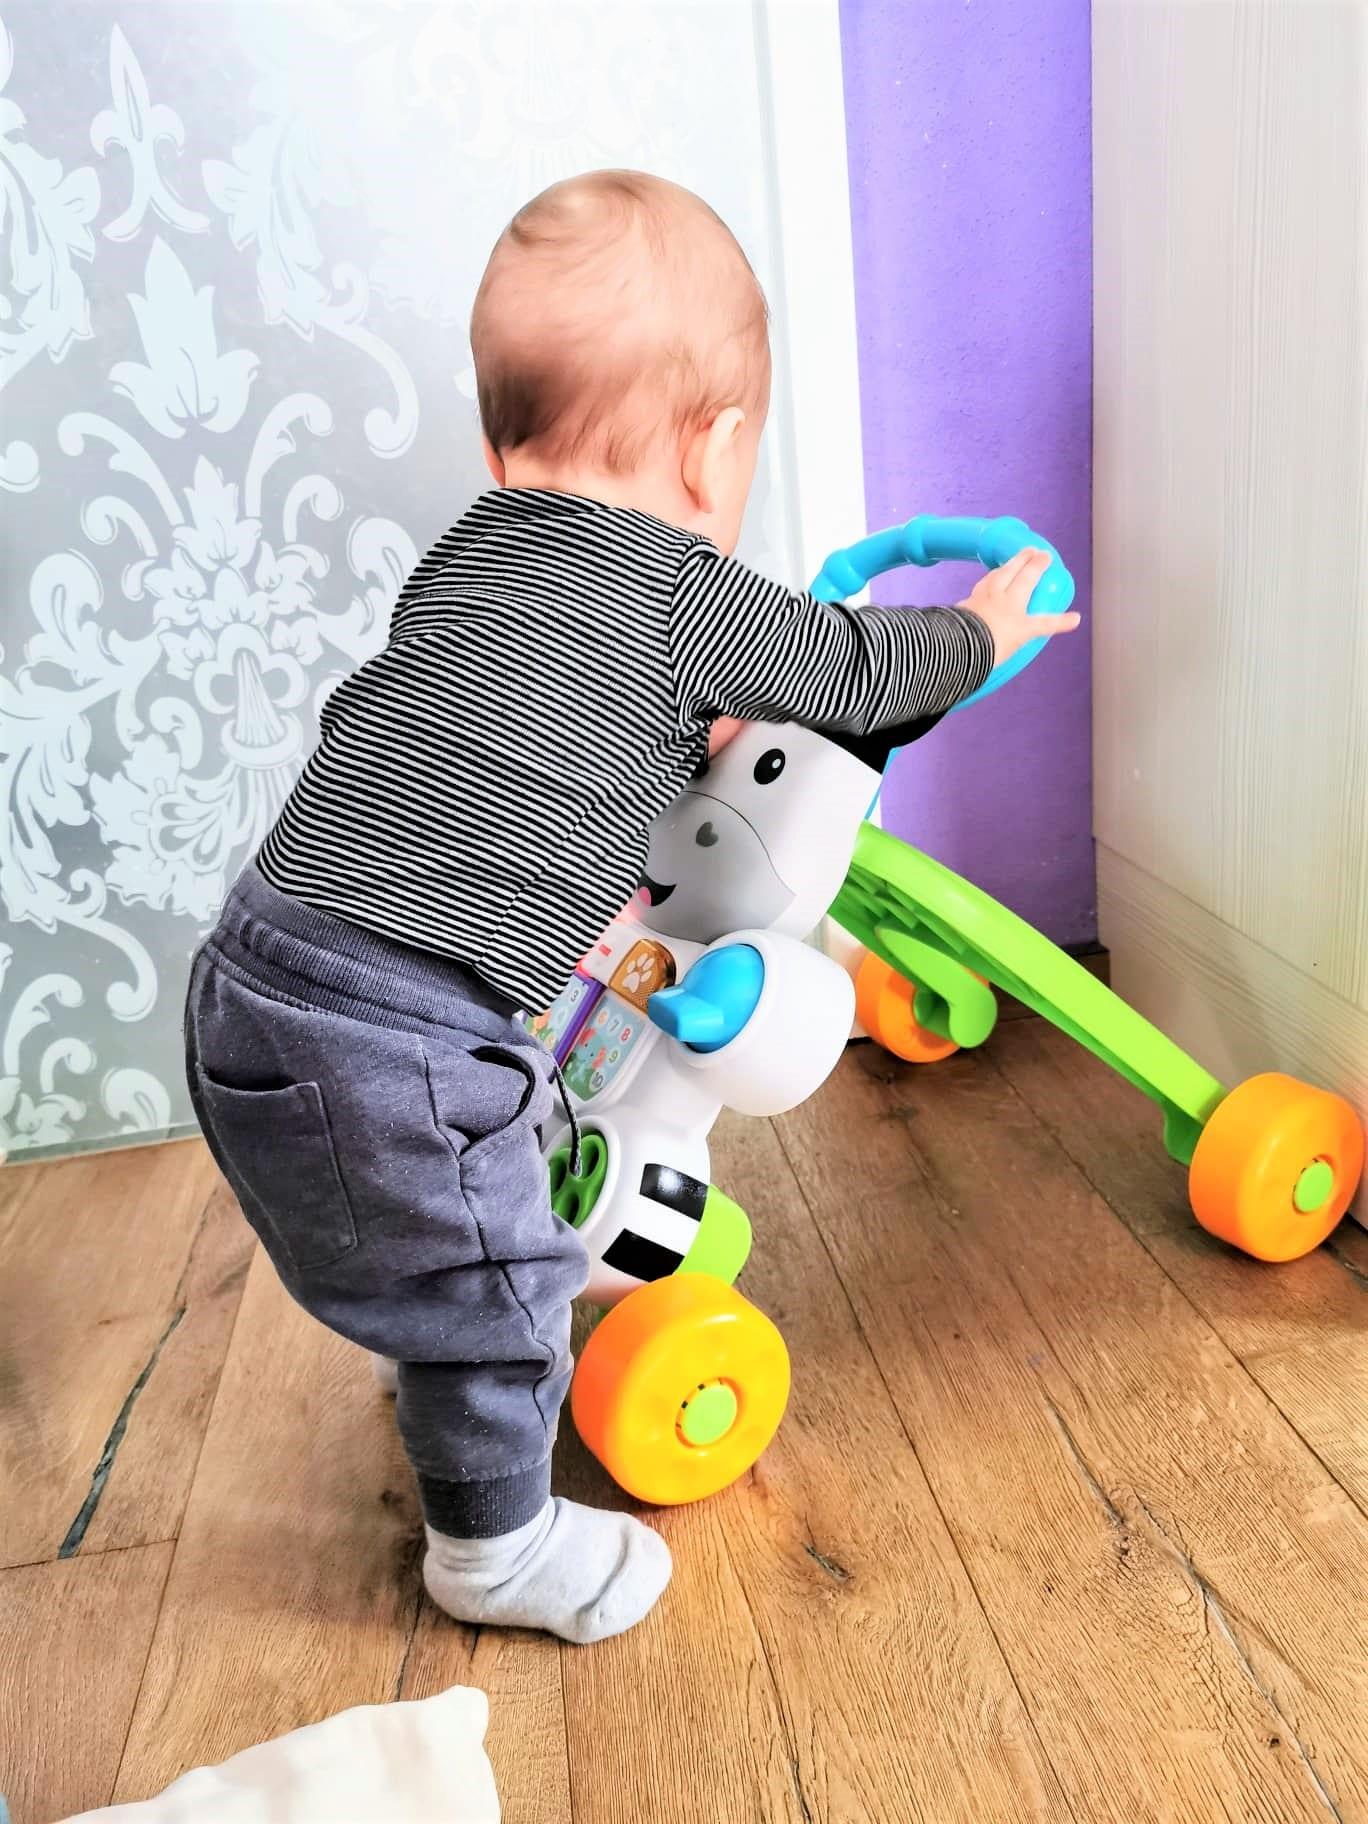 Mein Baby ist acht Monate alt. Ich erzähle über die Entwicklung, den Schlaf und wie er sich ernährt. Ein Babyupdate auf Puddingklecks, dem Großfamilienblog